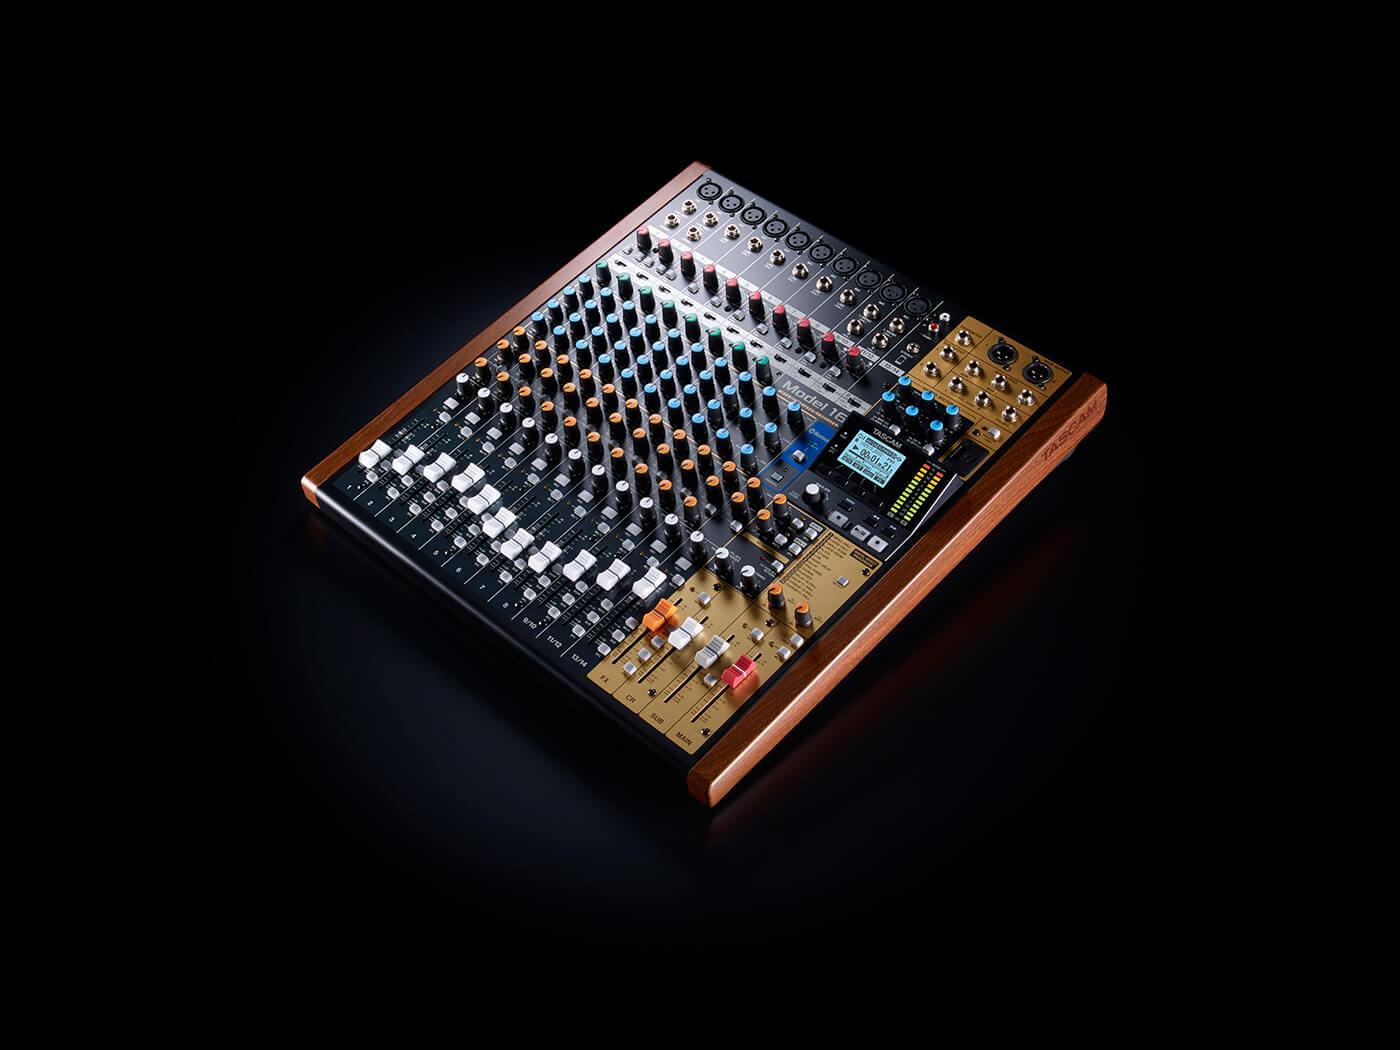 Tascam-model16-1400x1050